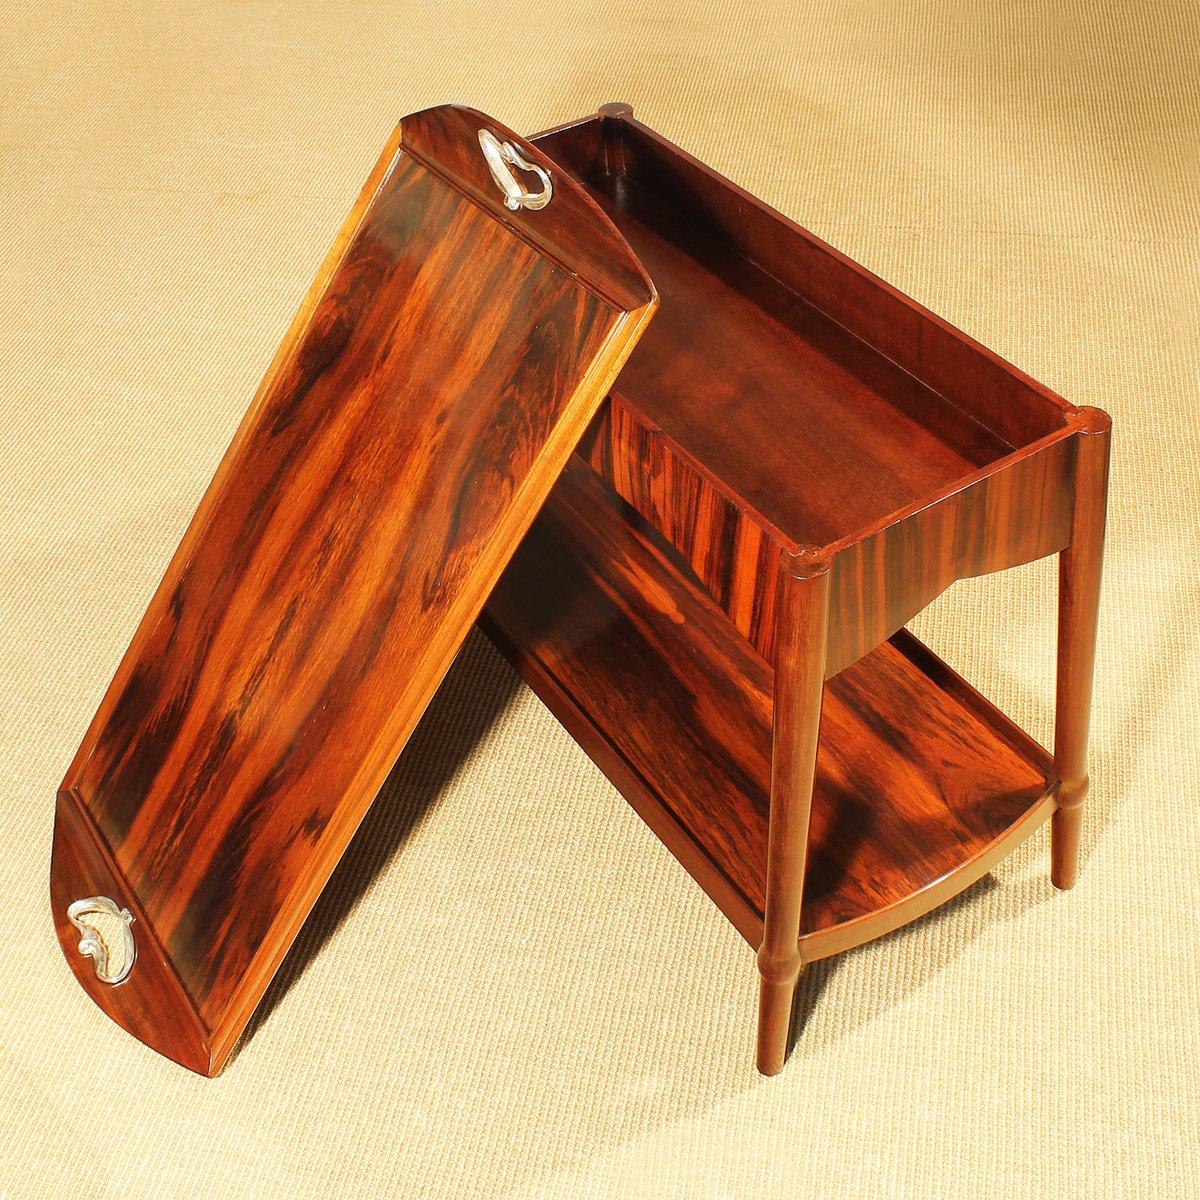 franz sischer art nouveau dessert tisch 1900 bei pamono kaufen. Black Bedroom Furniture Sets. Home Design Ideas